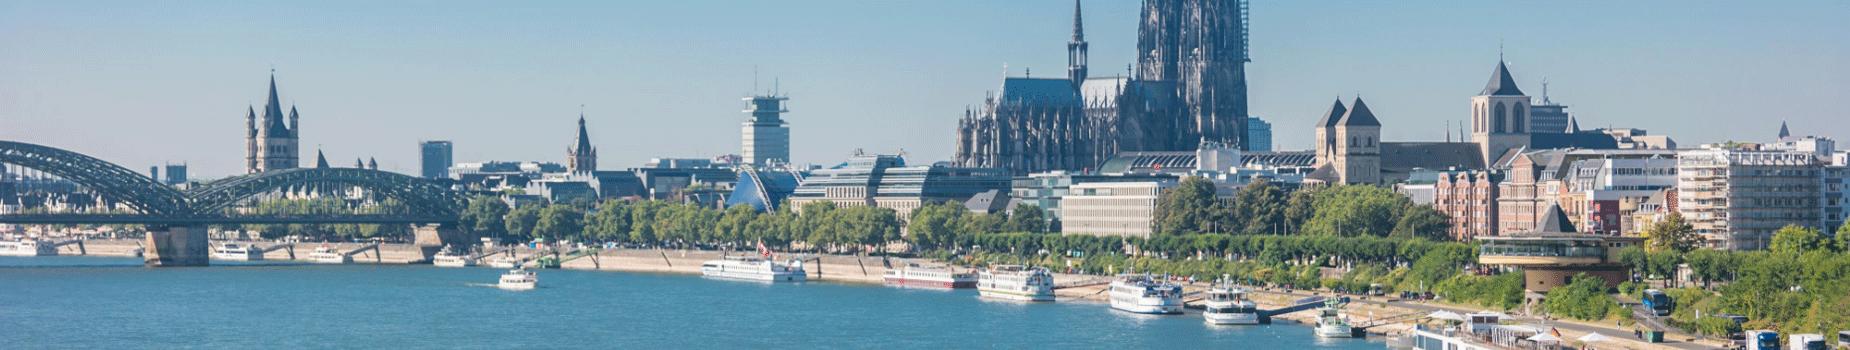 Rijnreizen voor ouderen: een ouderwets reisje langs de Rijn